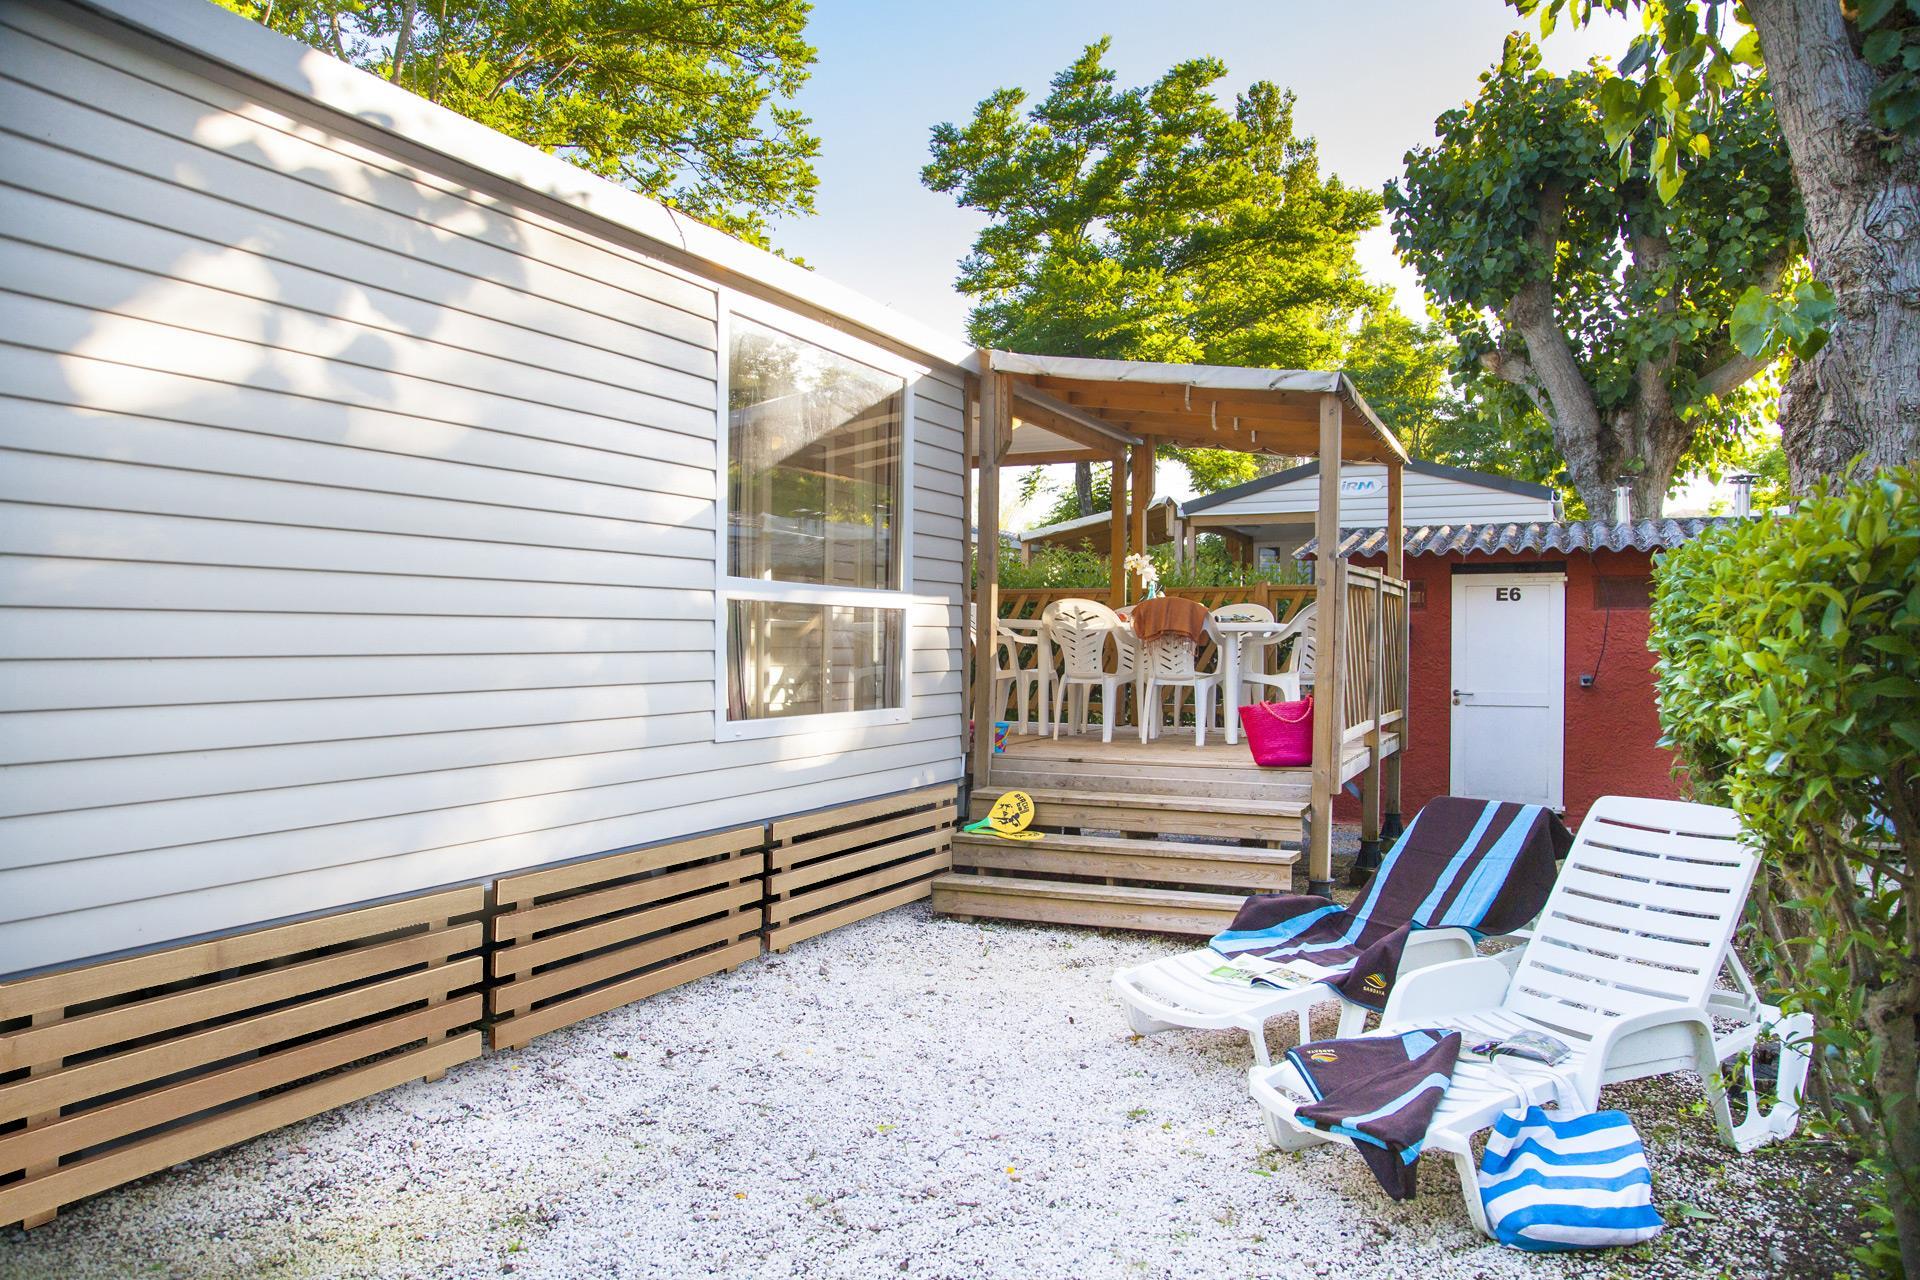 Location - Cottage Esterel 2 Chambres Climatisé *** 26M² - Camping Sandaya Riviera d'Azur